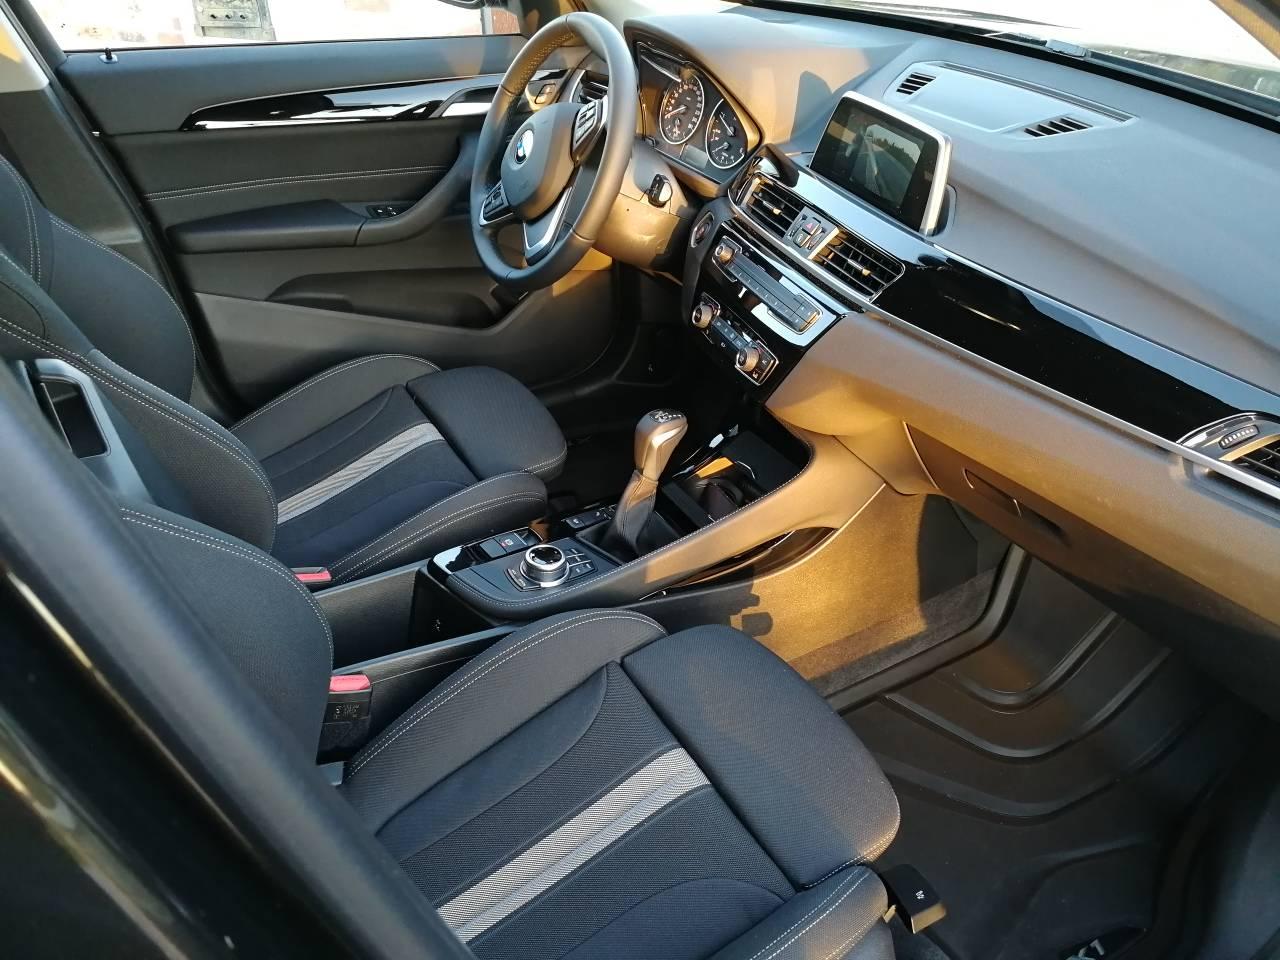 Bbriccardo - BMW X1 25D, appena uscita dalla concessionaria :)  802123cef0d2c27f917b0e3a7d965b08